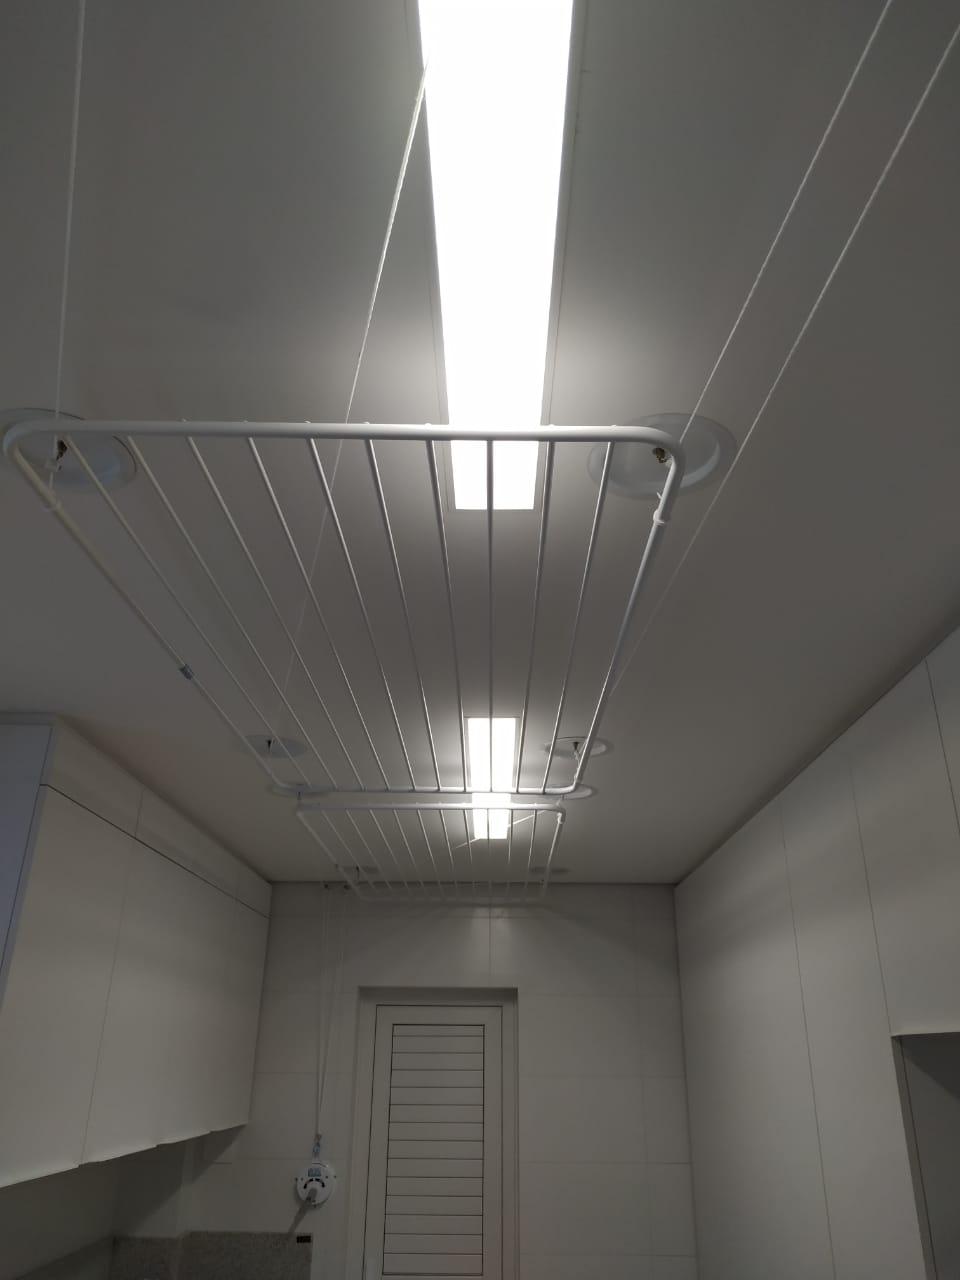 Varal de teto em alumínio branco 100x075 10 varetas - Multivarais